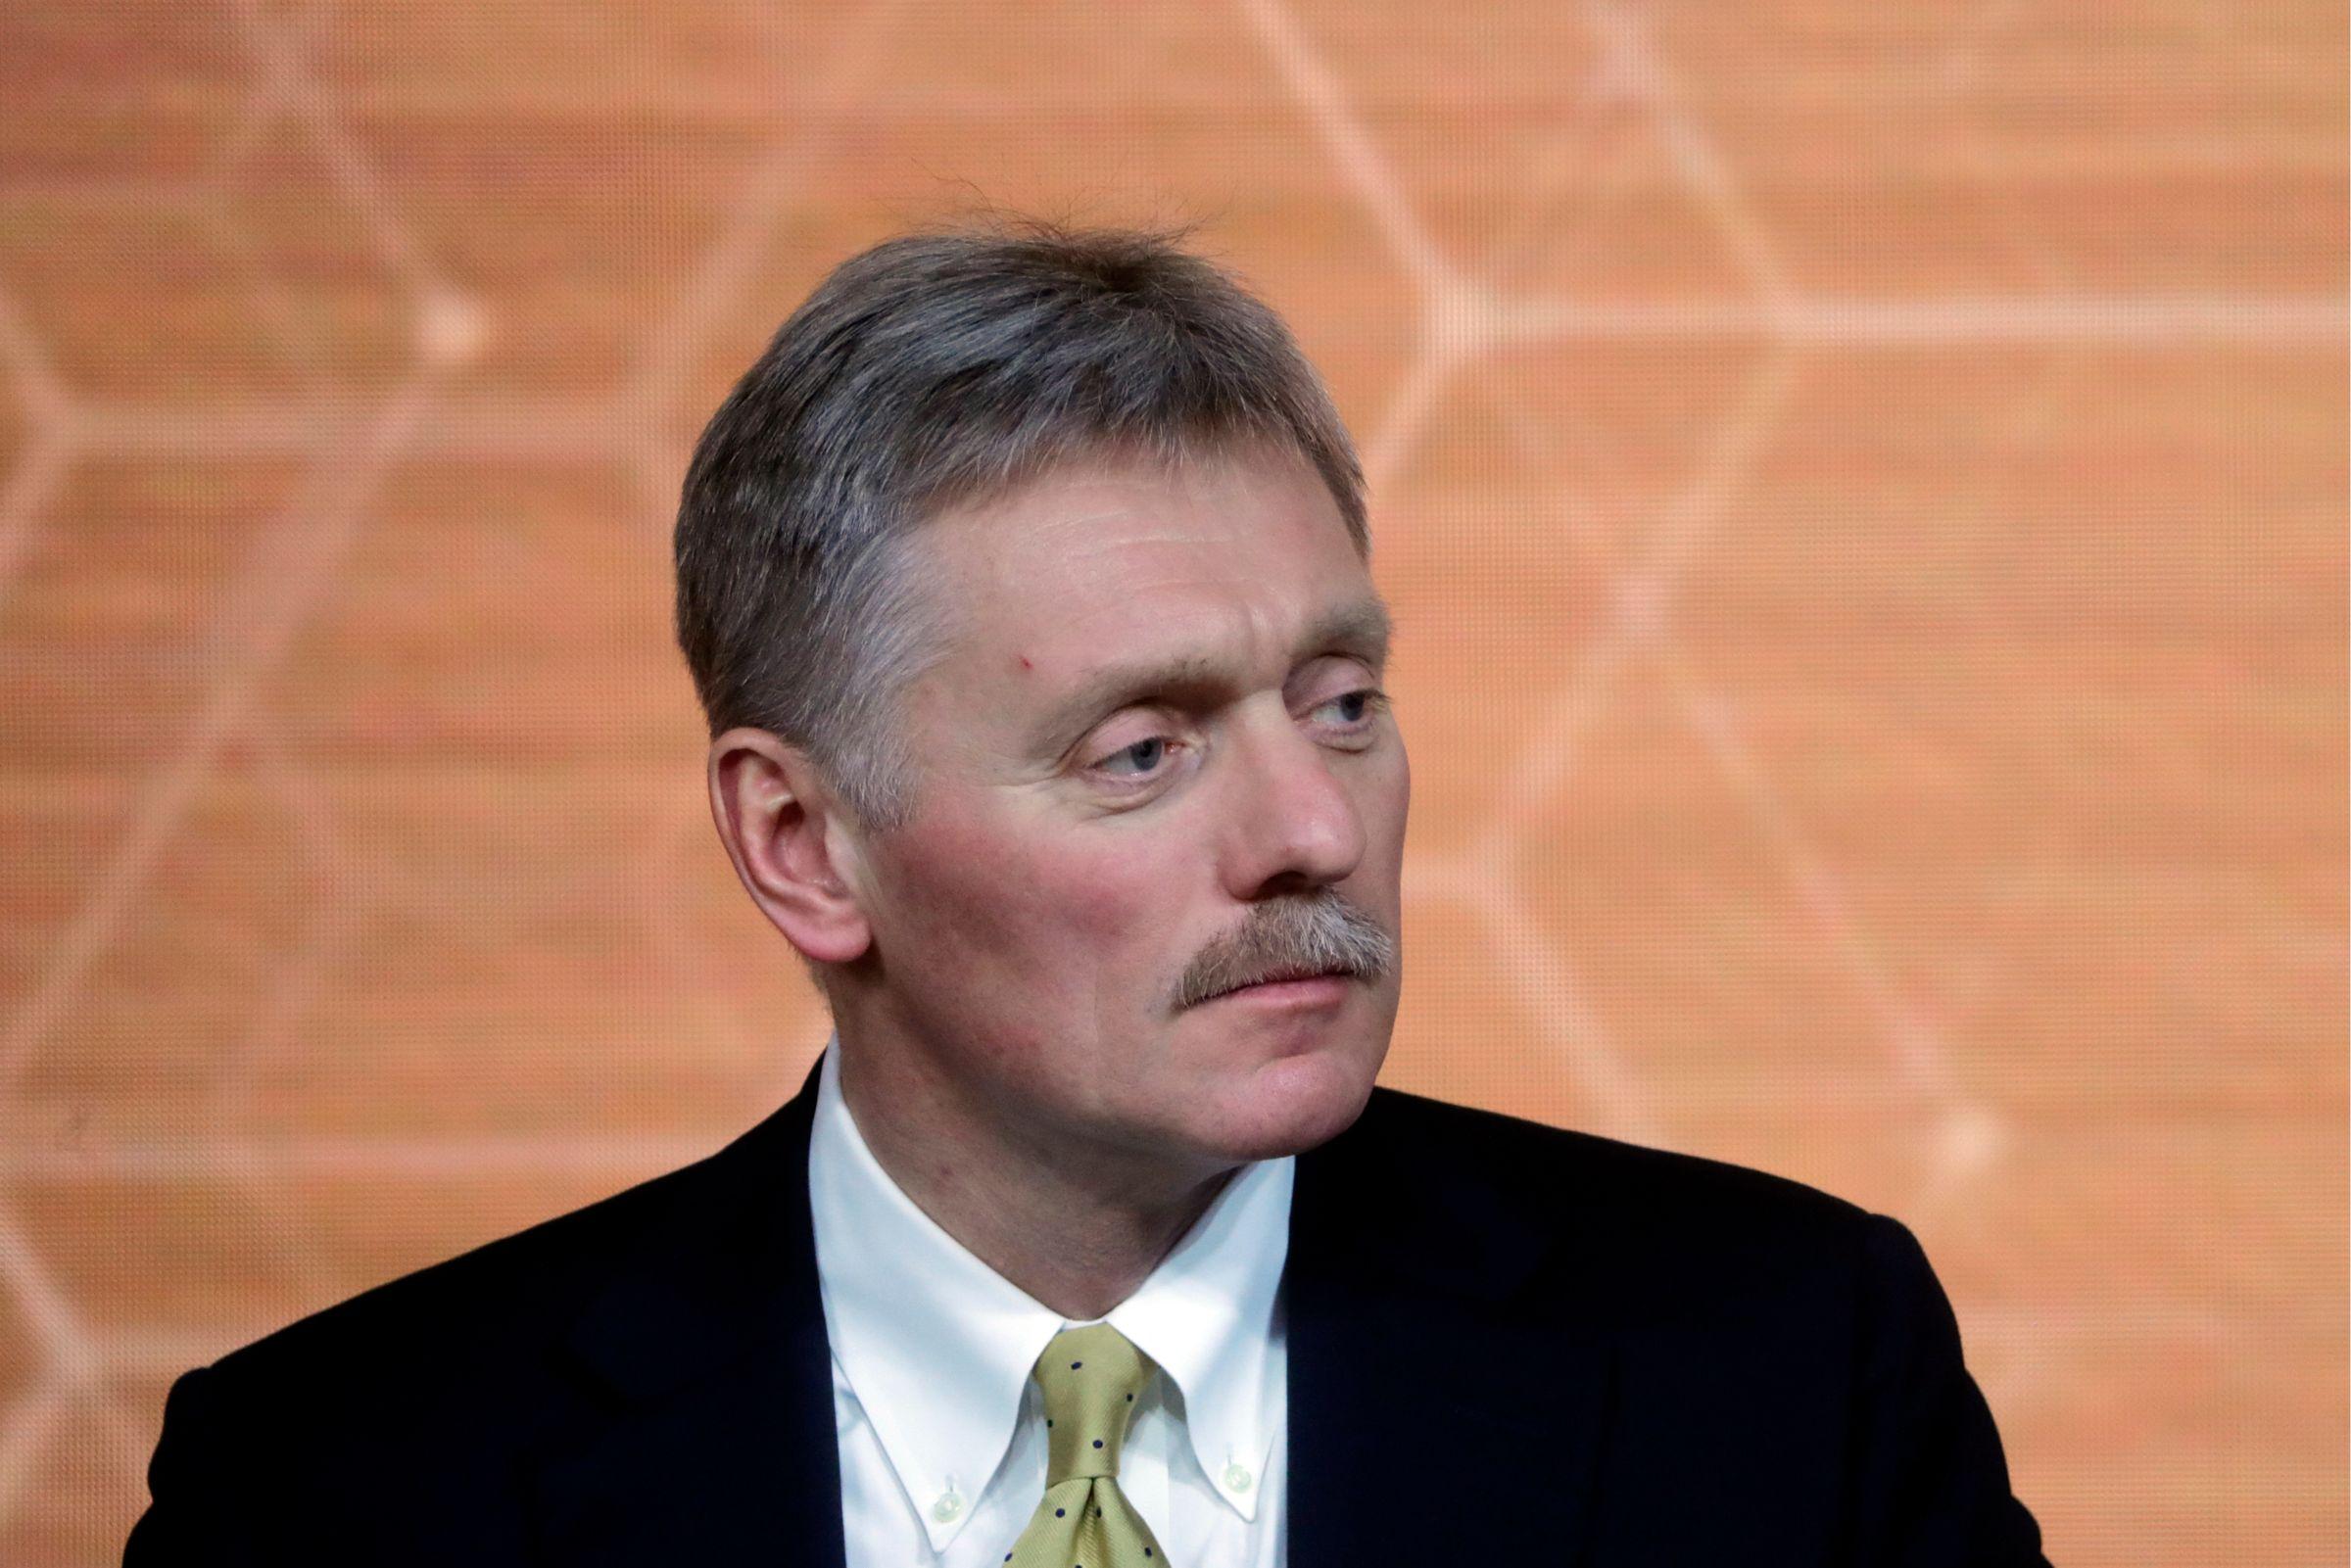 <p>Пресс-секретарь президента России Дмитрий Песков. Фото © ТАСС / Михаил Метцель</p>